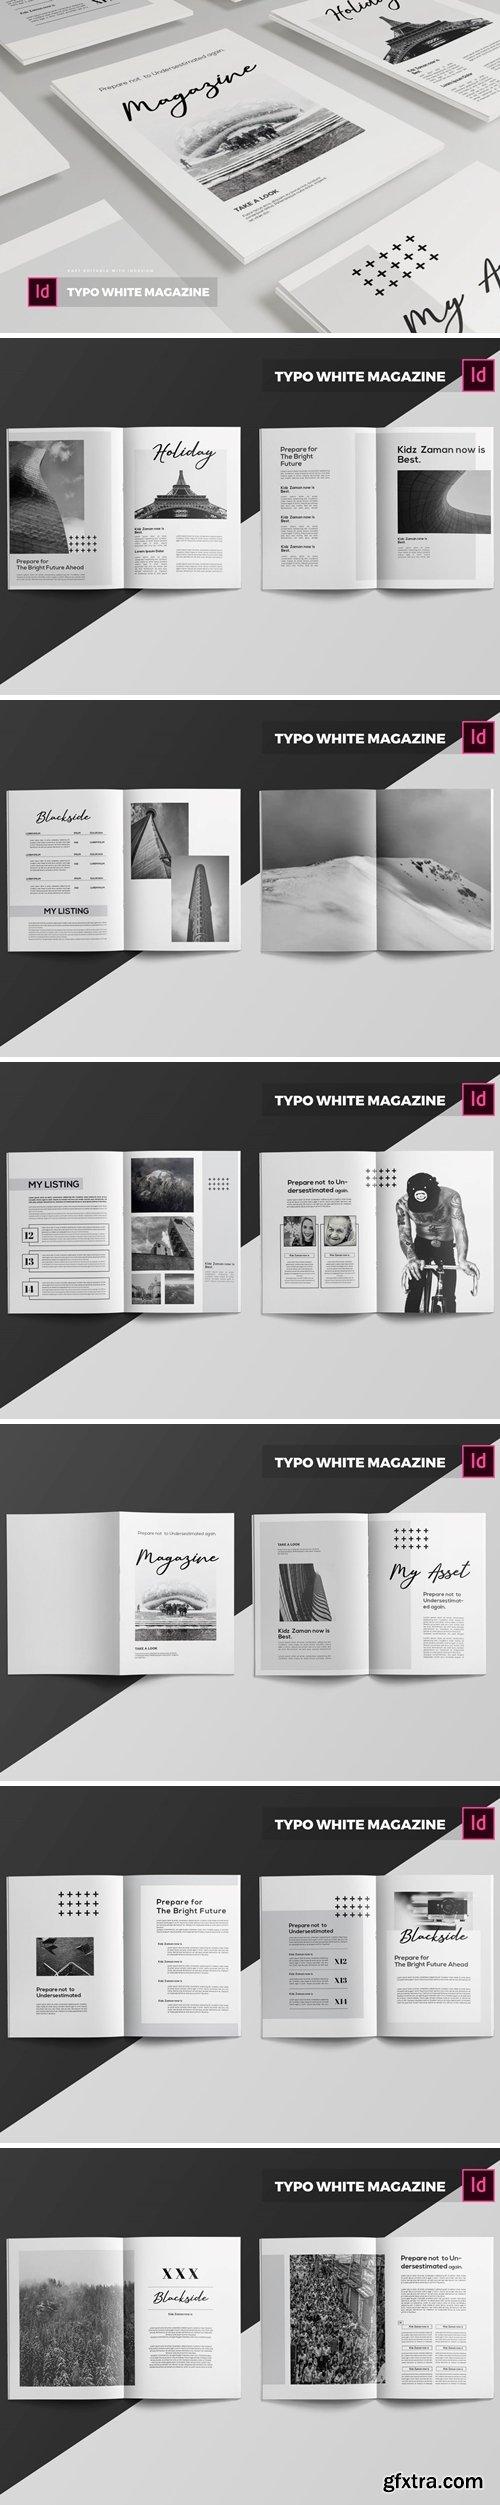 Typo White   Magazine Template